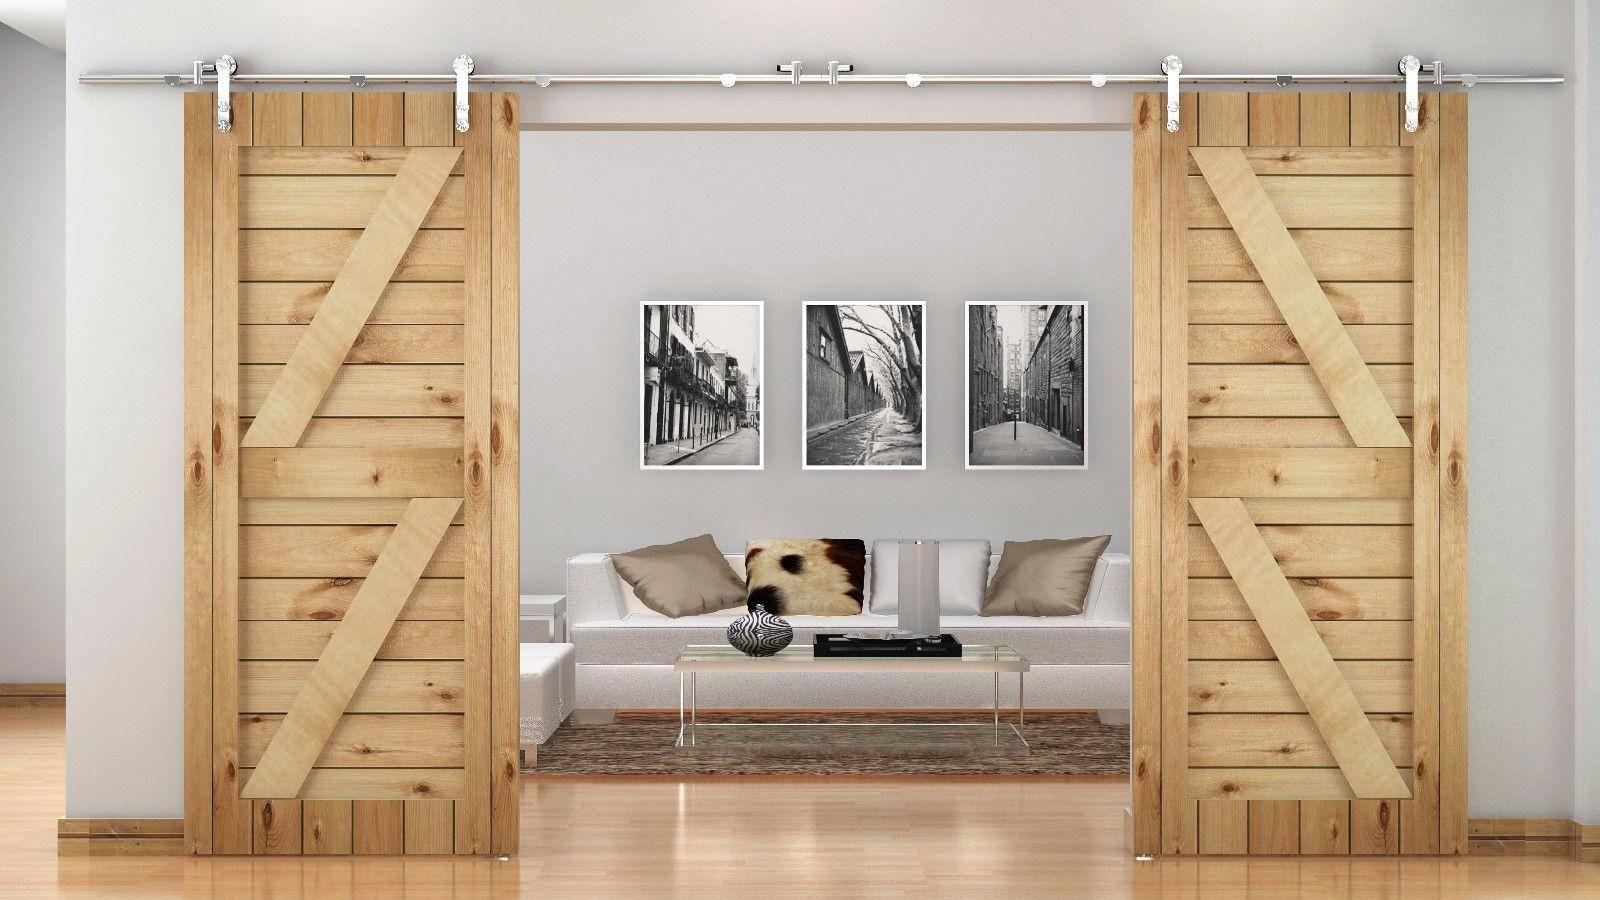 Pole Barn Double Door Track Doorways Pinterest Barn And Doors